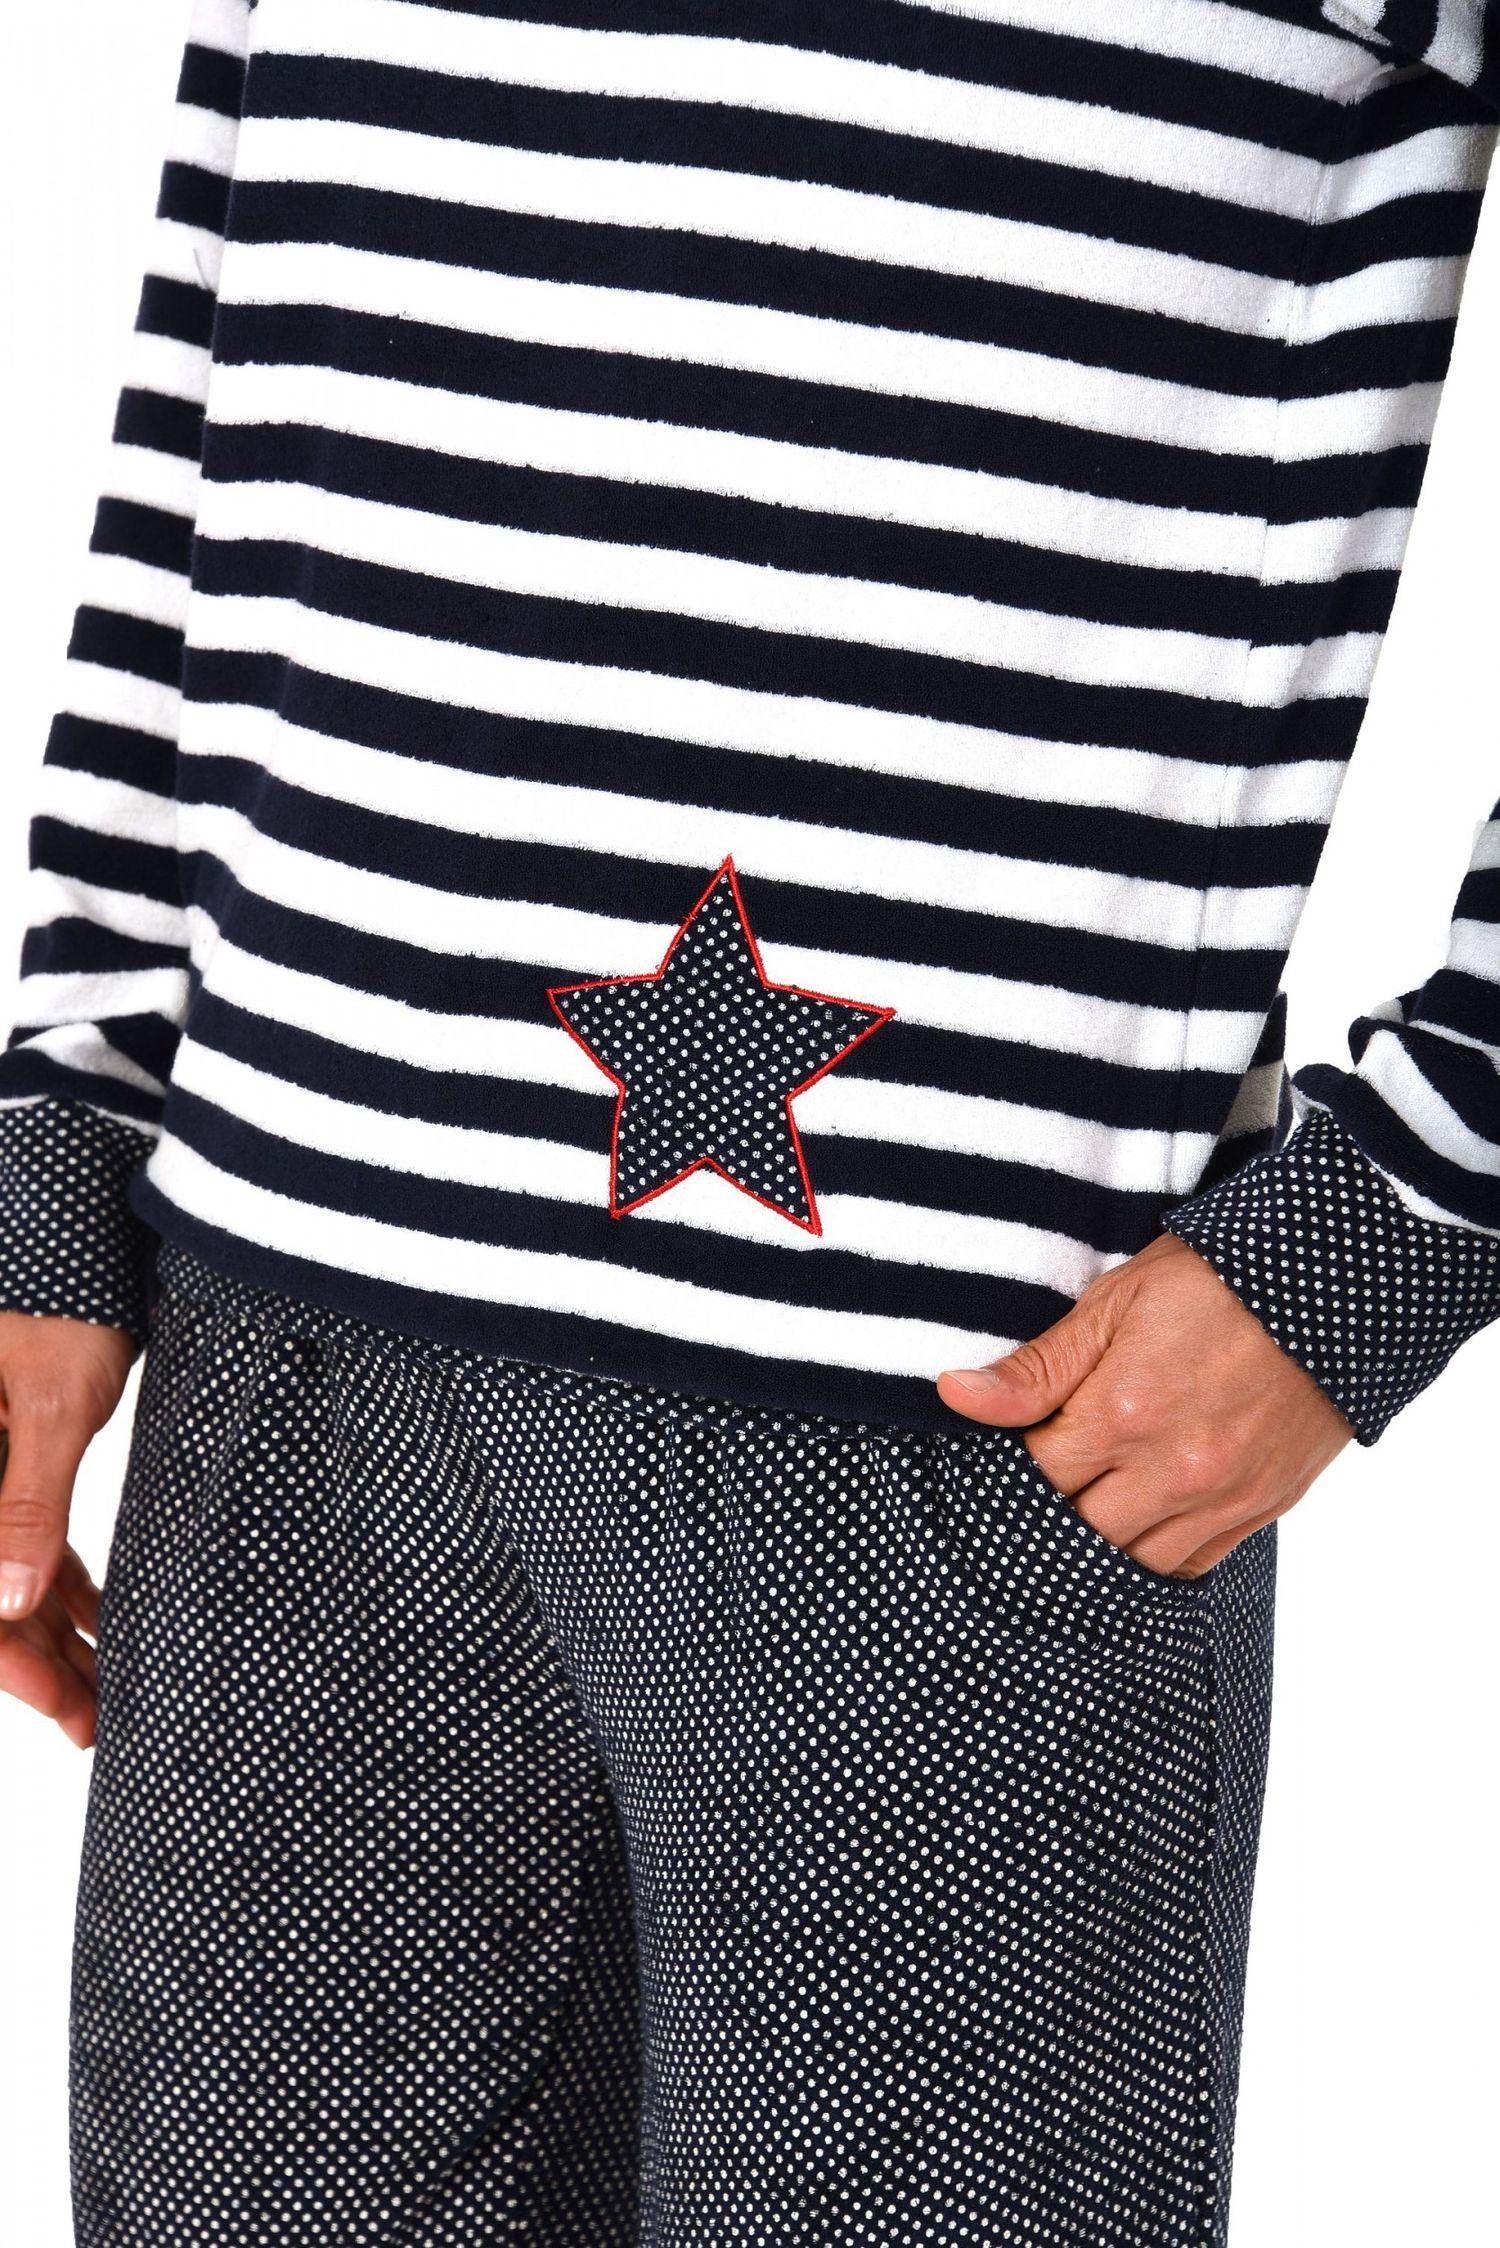 Damen Frottee Pyjama lang mit Bündchen – auch in Übergrössen  bis 60/62- 271 201 93 200 – Bild 4